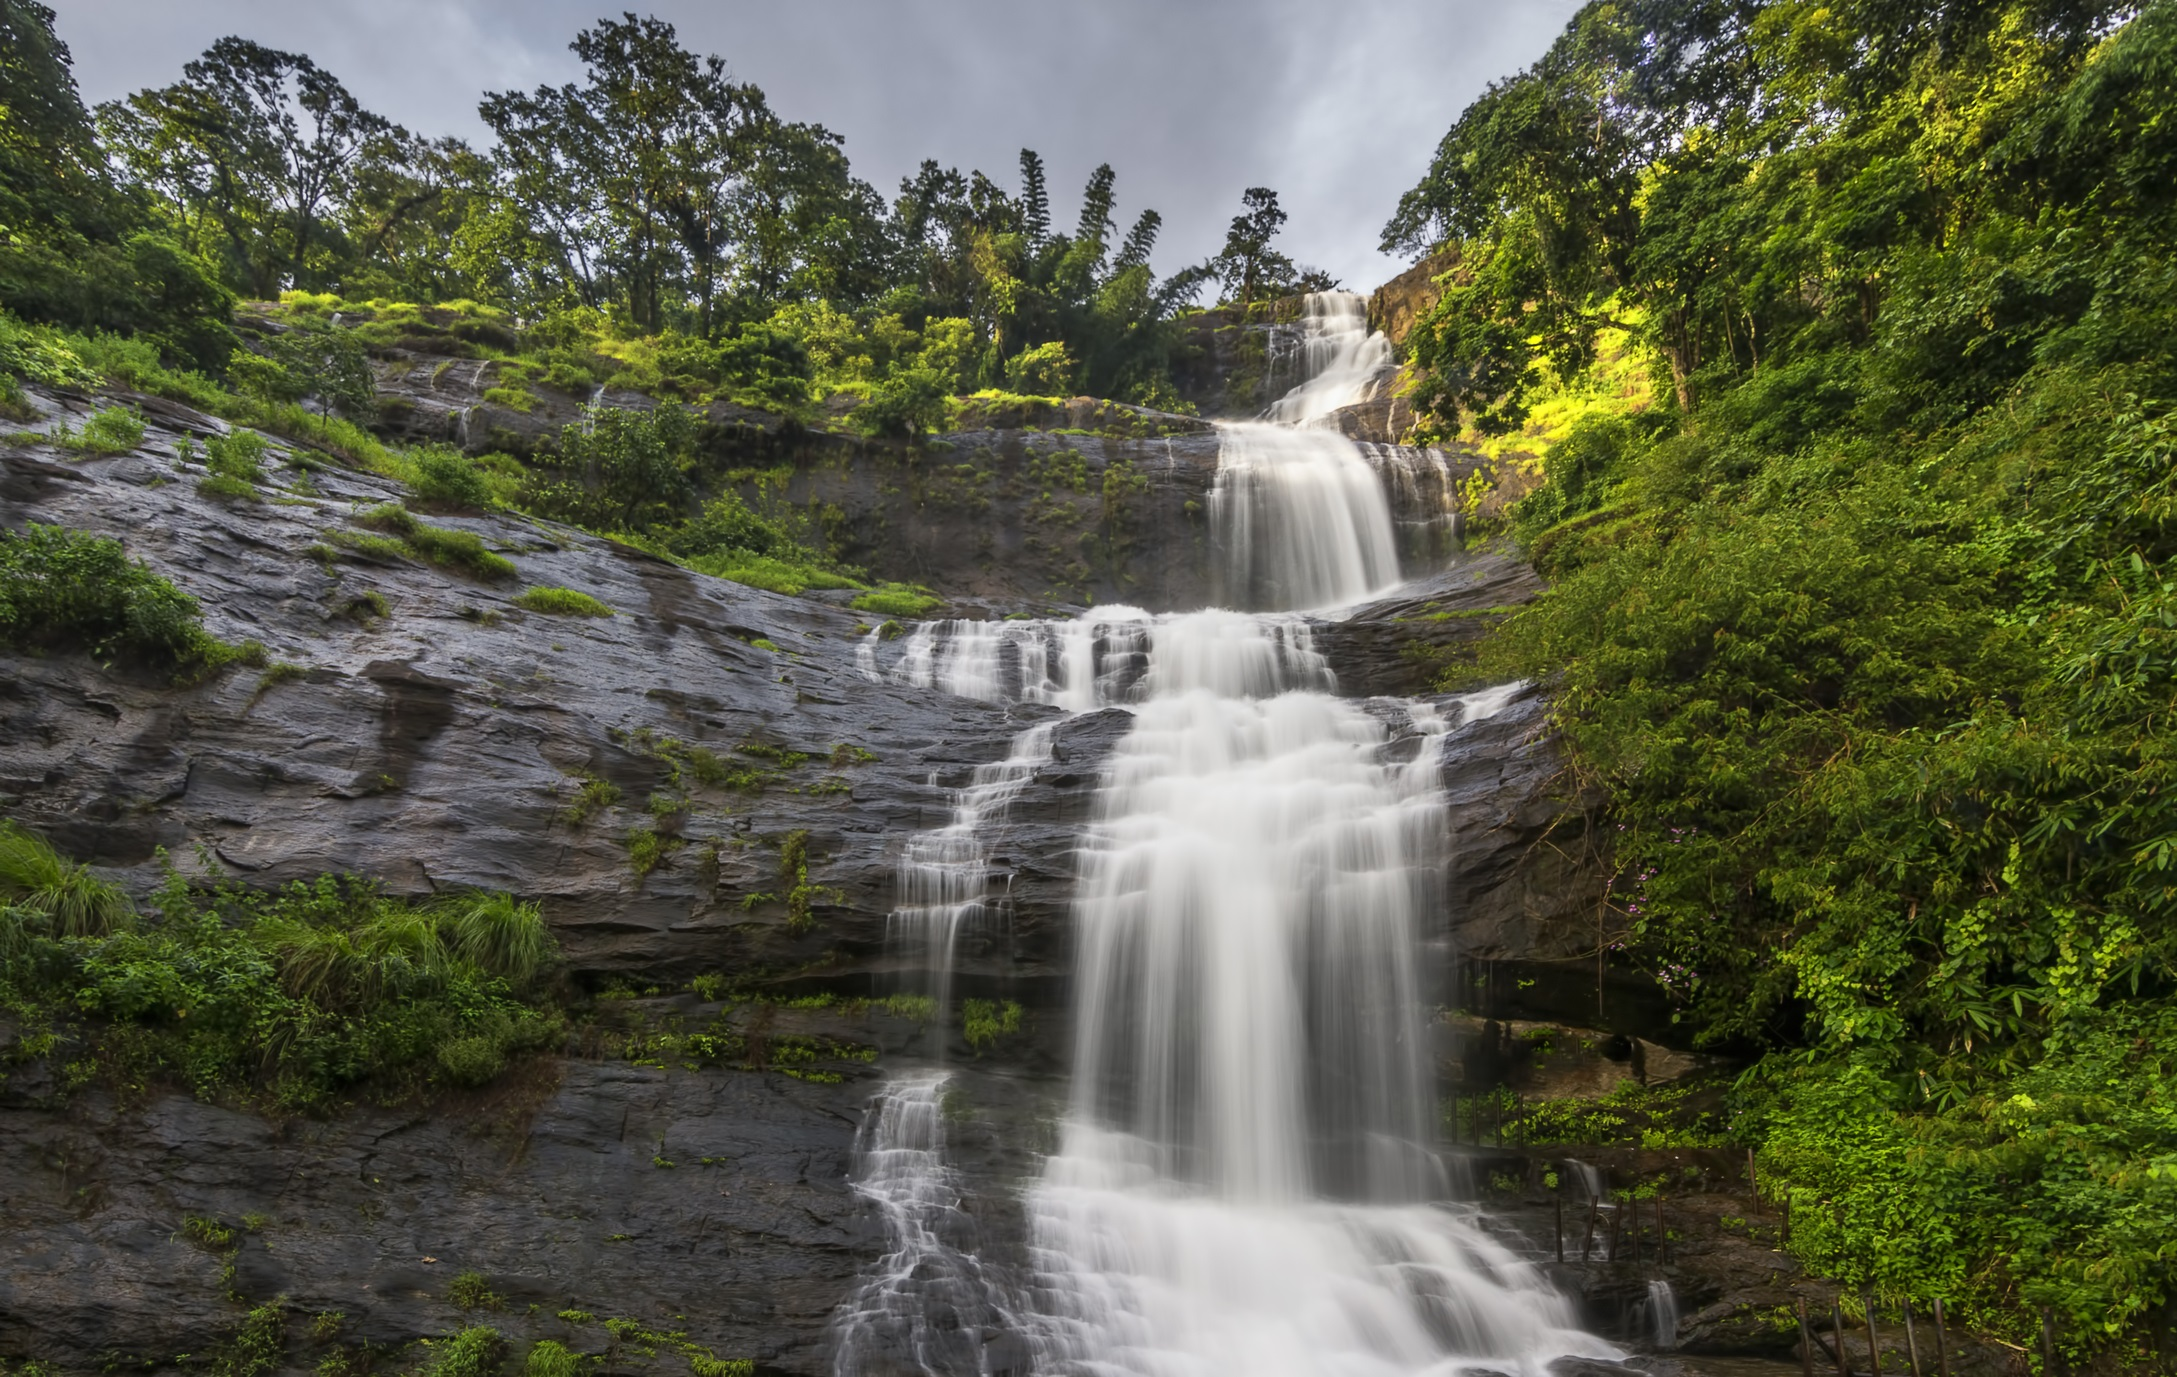 Западни Гхати, Индия<br /> <br /> Южните планини на Индия не са толкова популярни или високи, както хималайските височини в Северна Индия, но Тамил Наду, Керала, Карнатака, Гоа иМахаращра – тези необятни хълмове, защитени от ЮНЕСКО, са едно от най-популярните места за биоразнообразие в света. Там може да видите цвета neelakurinji, който цъфти само веднъж на 12 години и ще оцвети хълмовете в лилаво от август до октомври 2018 г. Посетете мястото сега и ще откриете плантации за кафе, чай и подправки, красиви водопади и парна железопътна линия, а в същото време ще избегнете тълпите в северните планини.